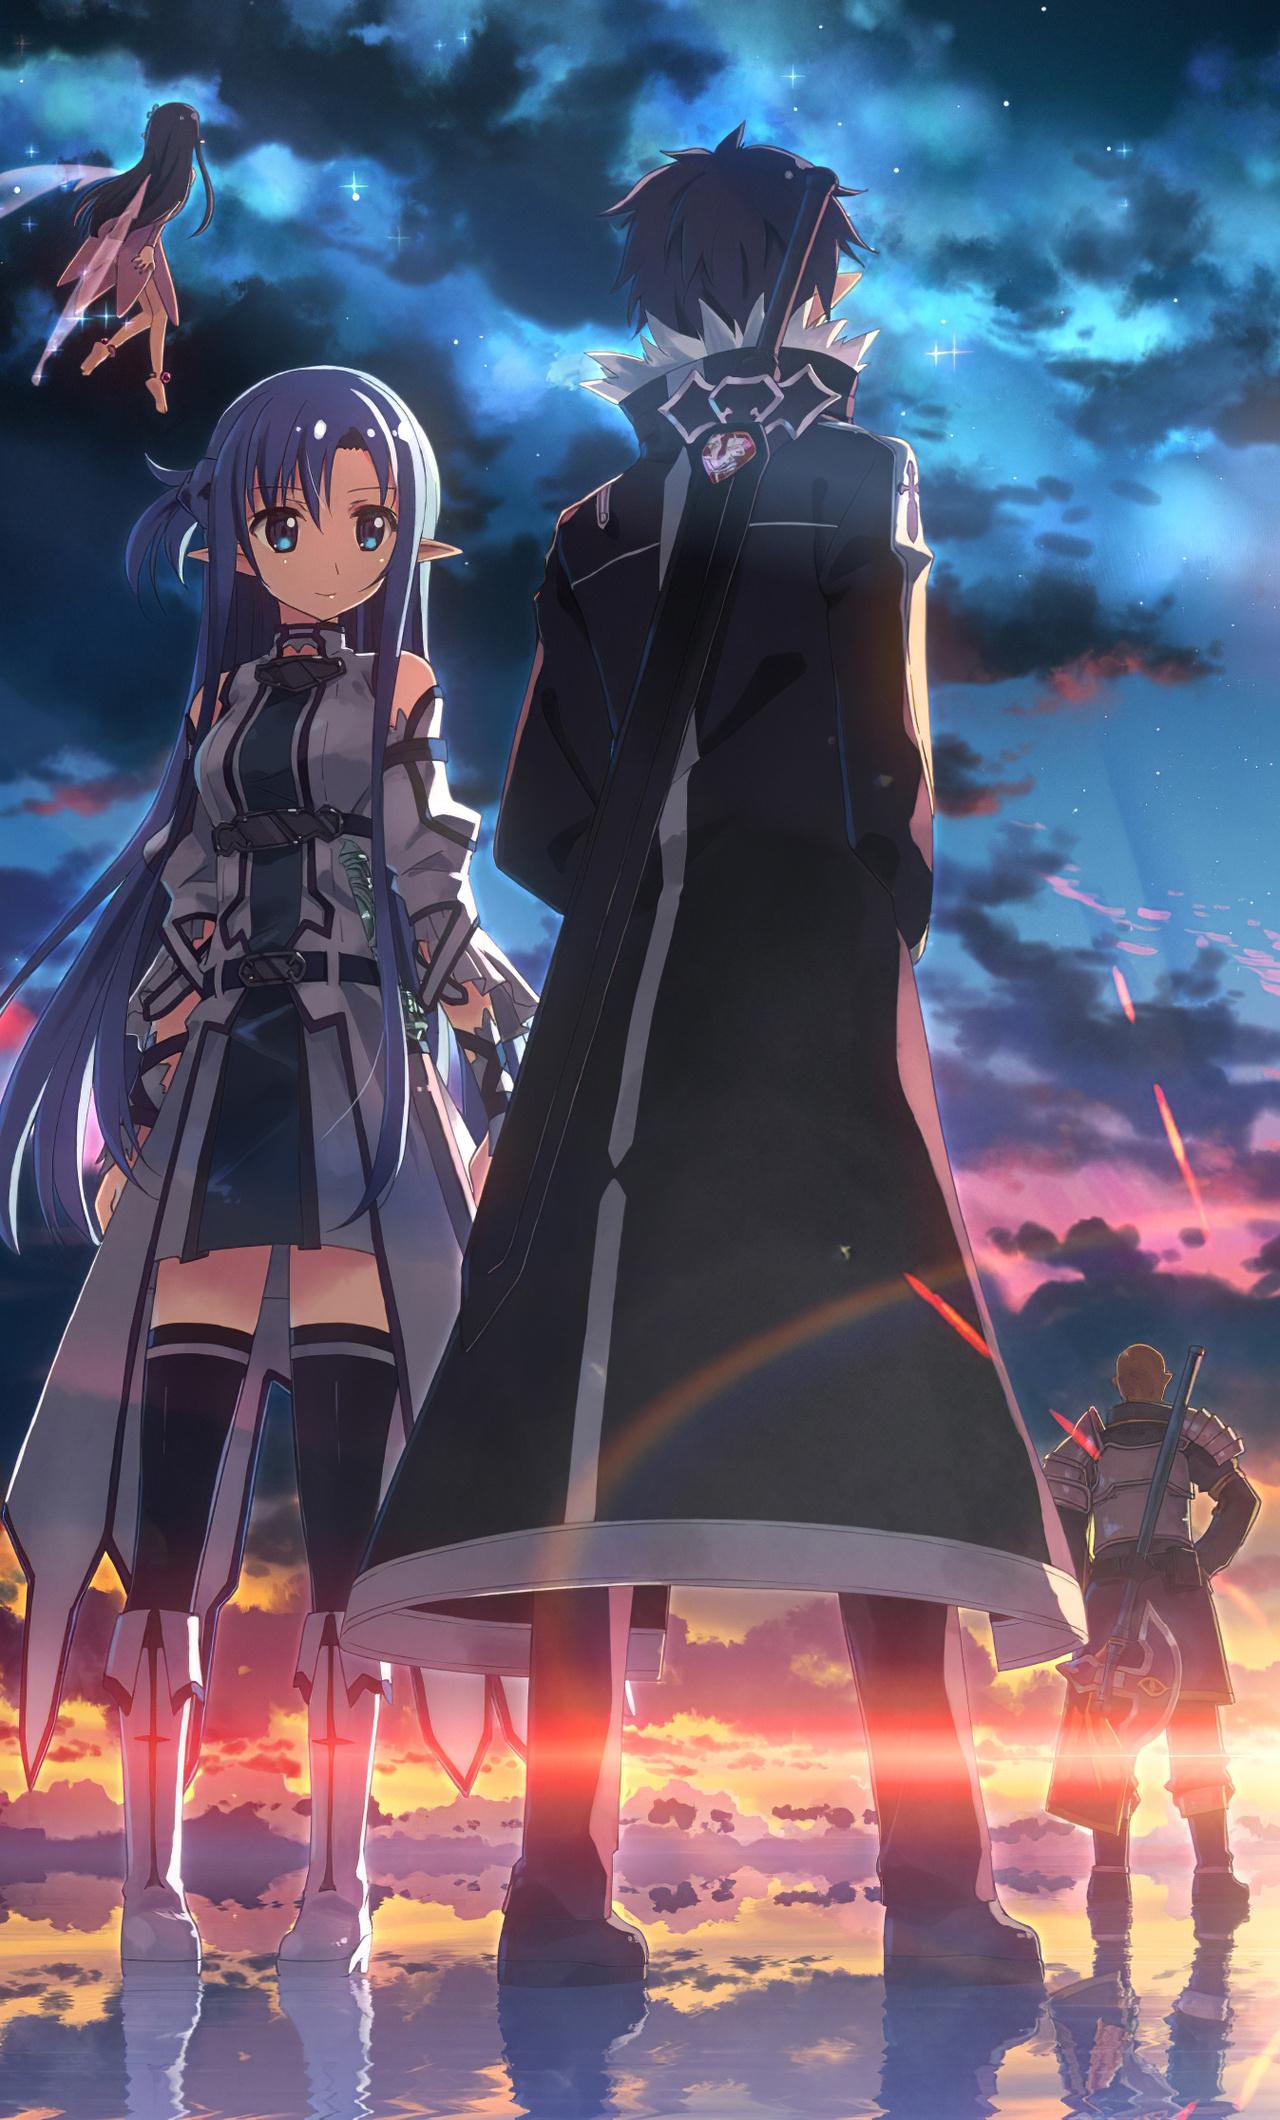 1280x2120 Sword Art Online Anime 4k Iphone 6 Hd 4k Wallpapers